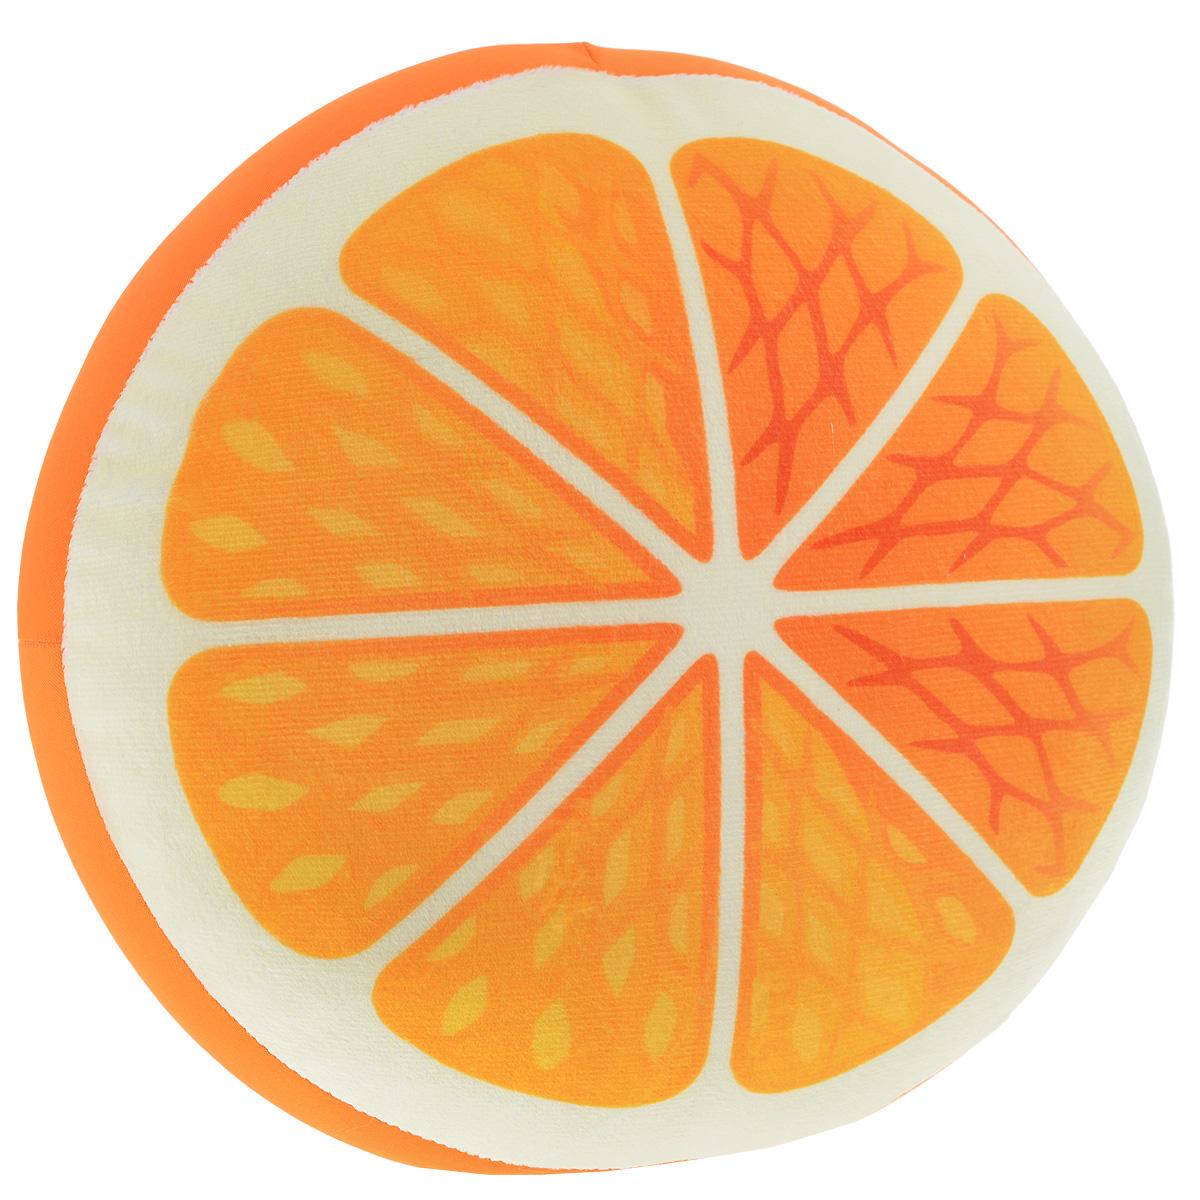 Игрушка-антистресс СмолТойс Апельсин, 28 см2786/ОРЖ/28Иногда так хочется отдохнуть, расслабиться и забыть обо всем. Подушка-антистресс Апельсин способна зарядить вас позитивом и стать аккумулятором хорошего настроения. Помимо того, что антистрессовые подушки очень эффектны и красивы, они создают поистине волшебный релаксирующий эффект. Благодаря тому, что их поверхность выполнена из полиэстера, они приятны на ощупь. Но главный секрет этих моделей в их наполнителе. Внутри подушек находятся тысячи мельчайших гранул полистирола. Эти подушки легки, упруги и всегда хорошо выглядят, как бы вы их ни сжимали, они неизменно возвращают себе первоначальную форму. Подушки можно даже стирать в машинке, поместив их предварительно в специальный мешок для одежды. Идеальный рецепт хорошего настроения! Они подходят абсолютно всем, поскольку не вызывают аллергии. Оригинальный стиль и великолепное качество исполнения делают эту подушку-игрушку чудесным подарком к любому празднику, а жизнерадостный образ представит такой подарок в самом...